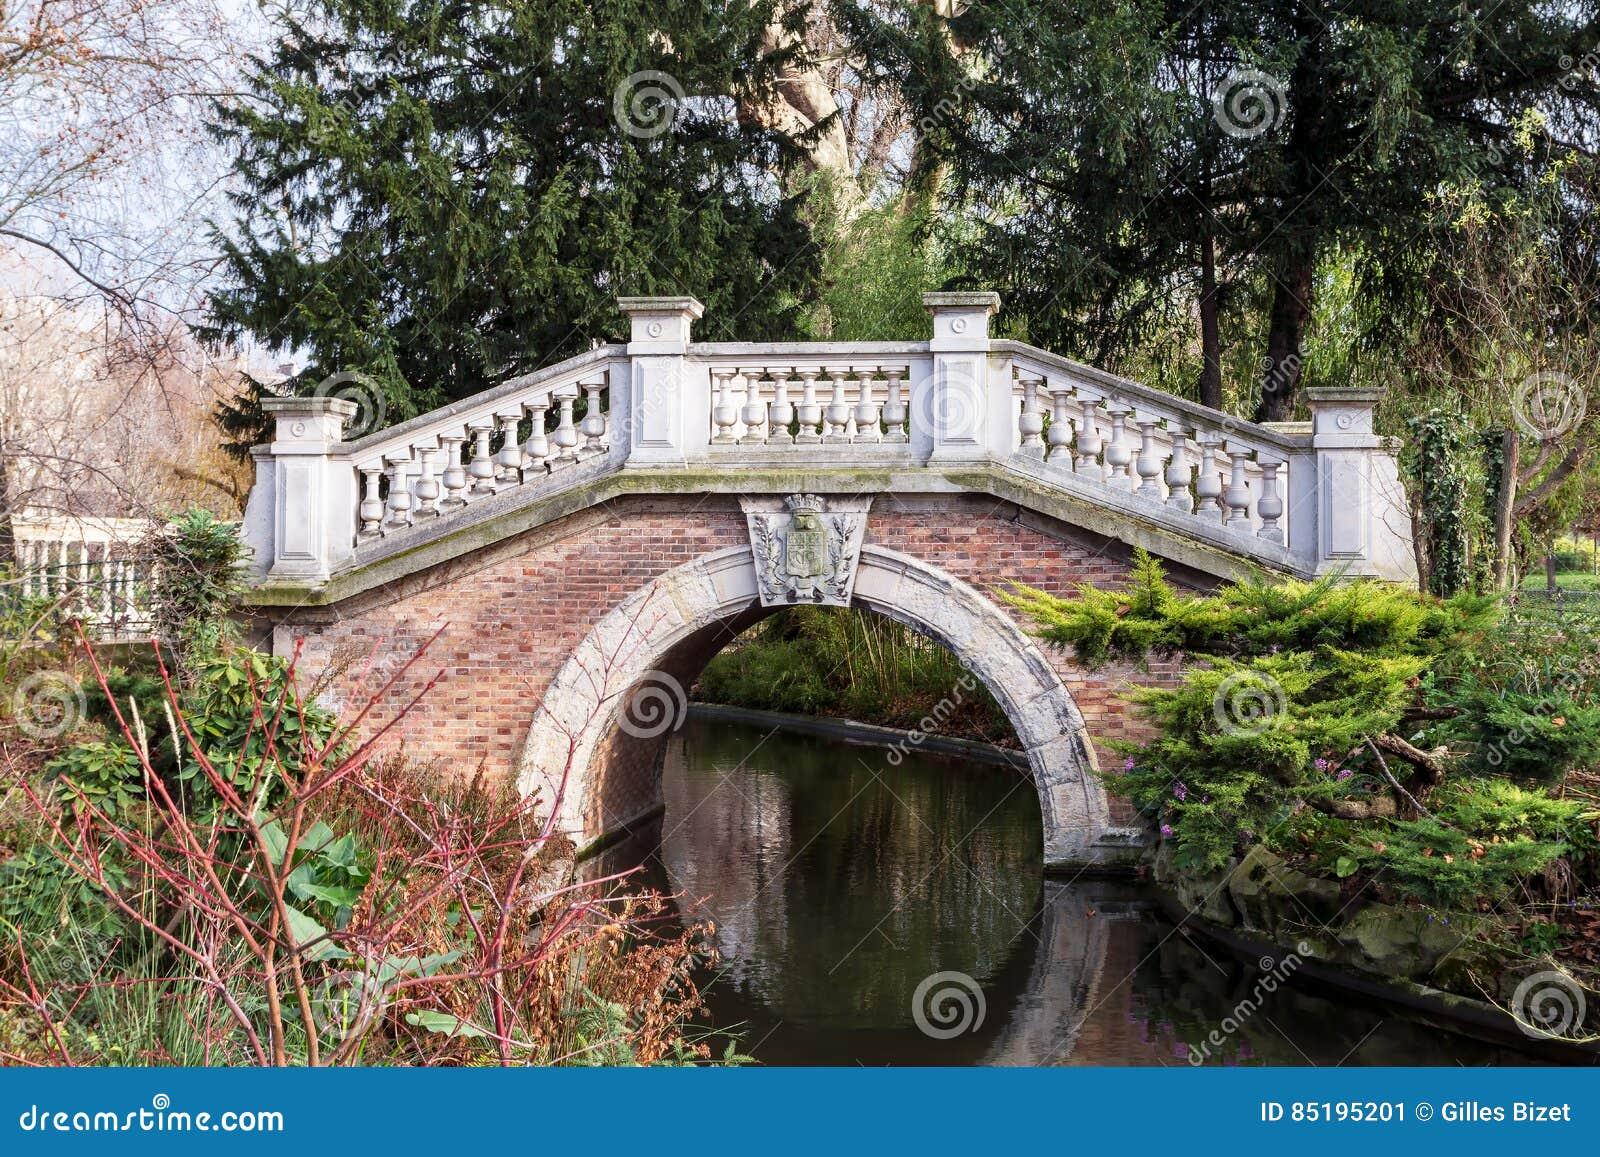 The small bridge of the Parc Monceau in Paris